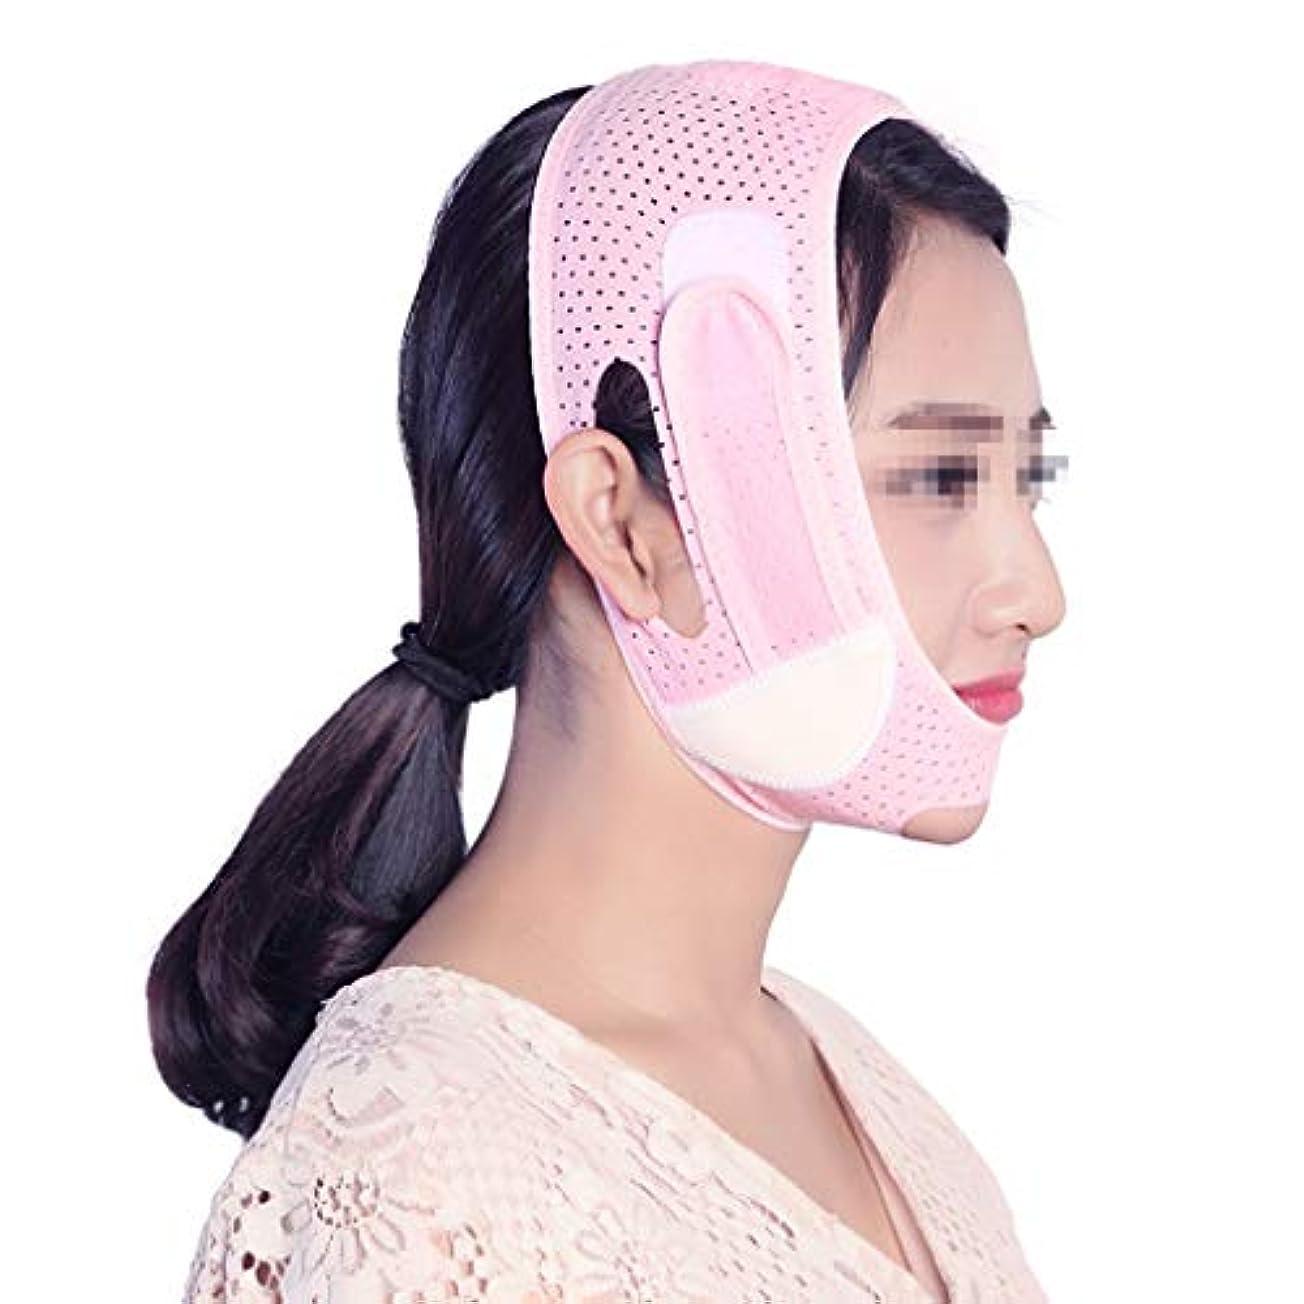 インチ合金ちょっと待って睡眠薄い顔包帯、持ち上がる引きV顔引き締め防止二重あご薄い咬筋マスクピンク